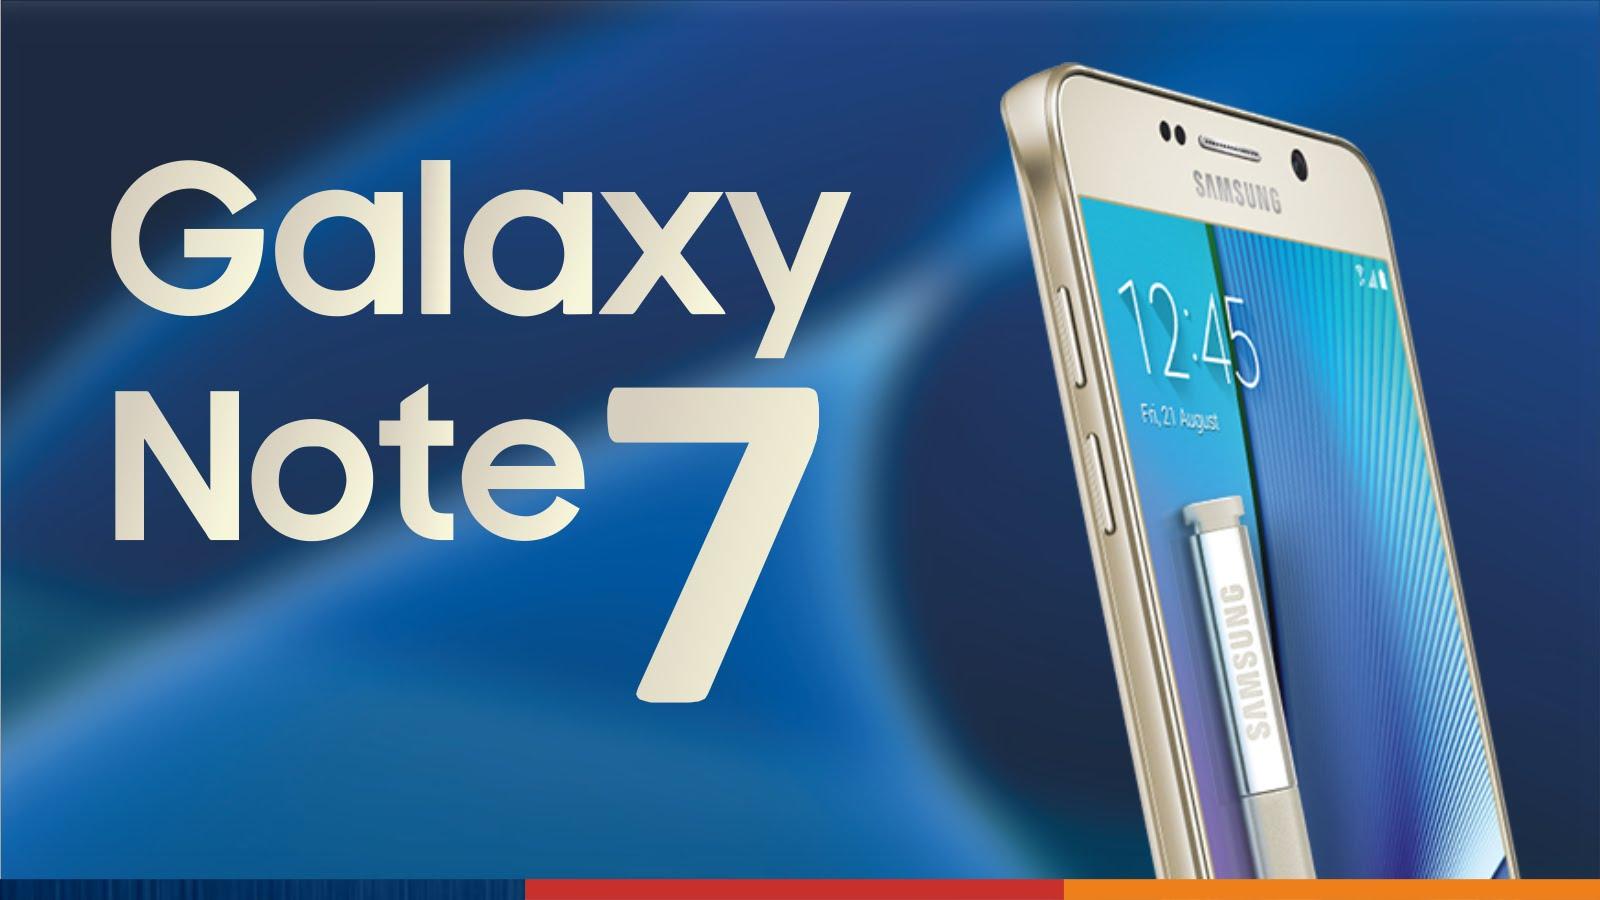 Como rastrear celular samsung galaxy note 7 por imei - Como rastrear meu celular galaxy note 4